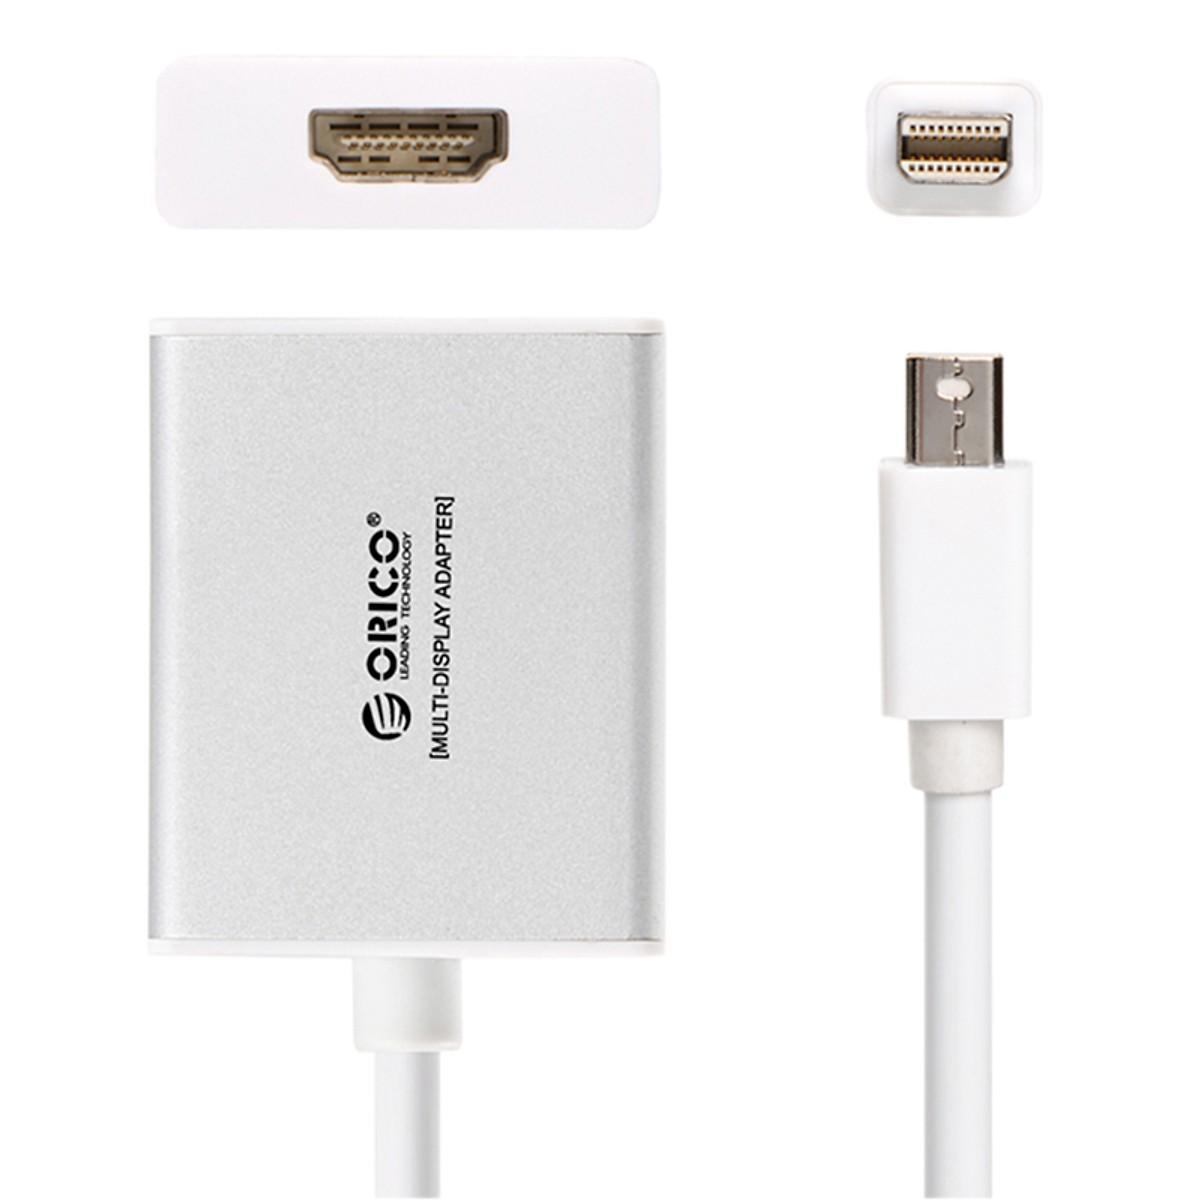 Cáp Chuyển Đổi Mini Displayport sang HDMI Orico (Thunderbolt To HDMI) - Hàng Nhập Khẩu